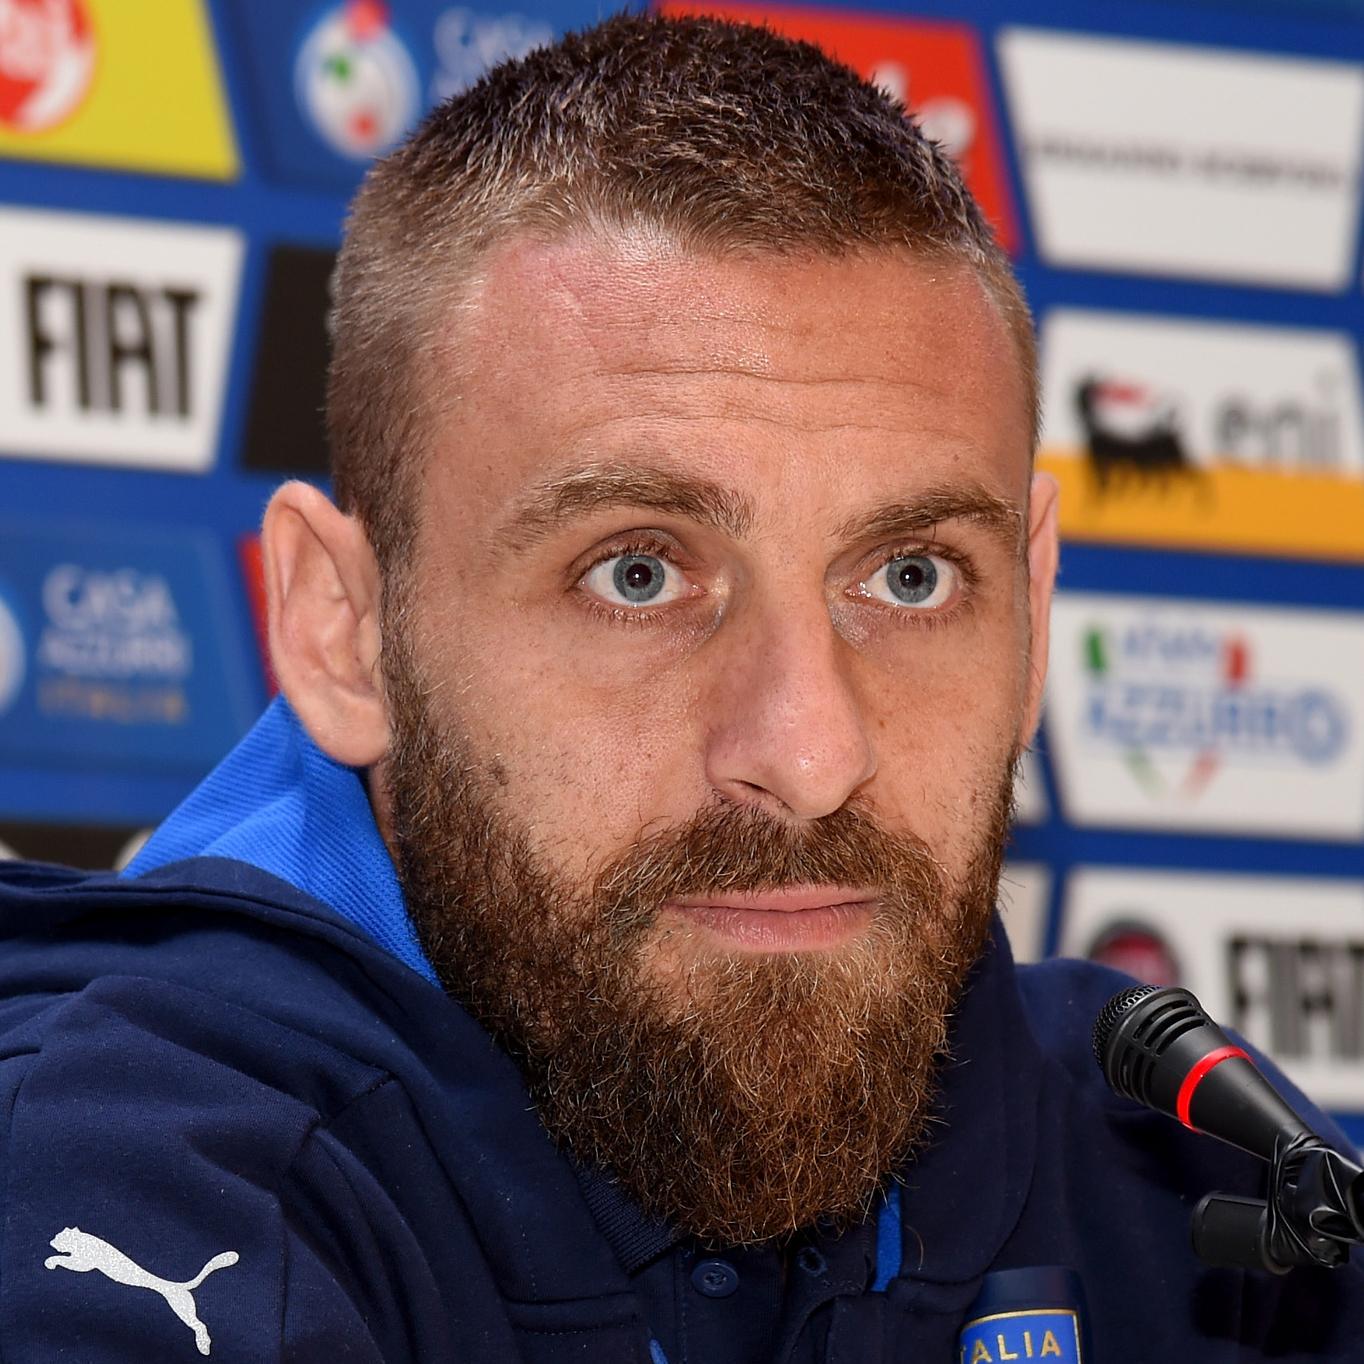 Euro 2016 Bearded XI